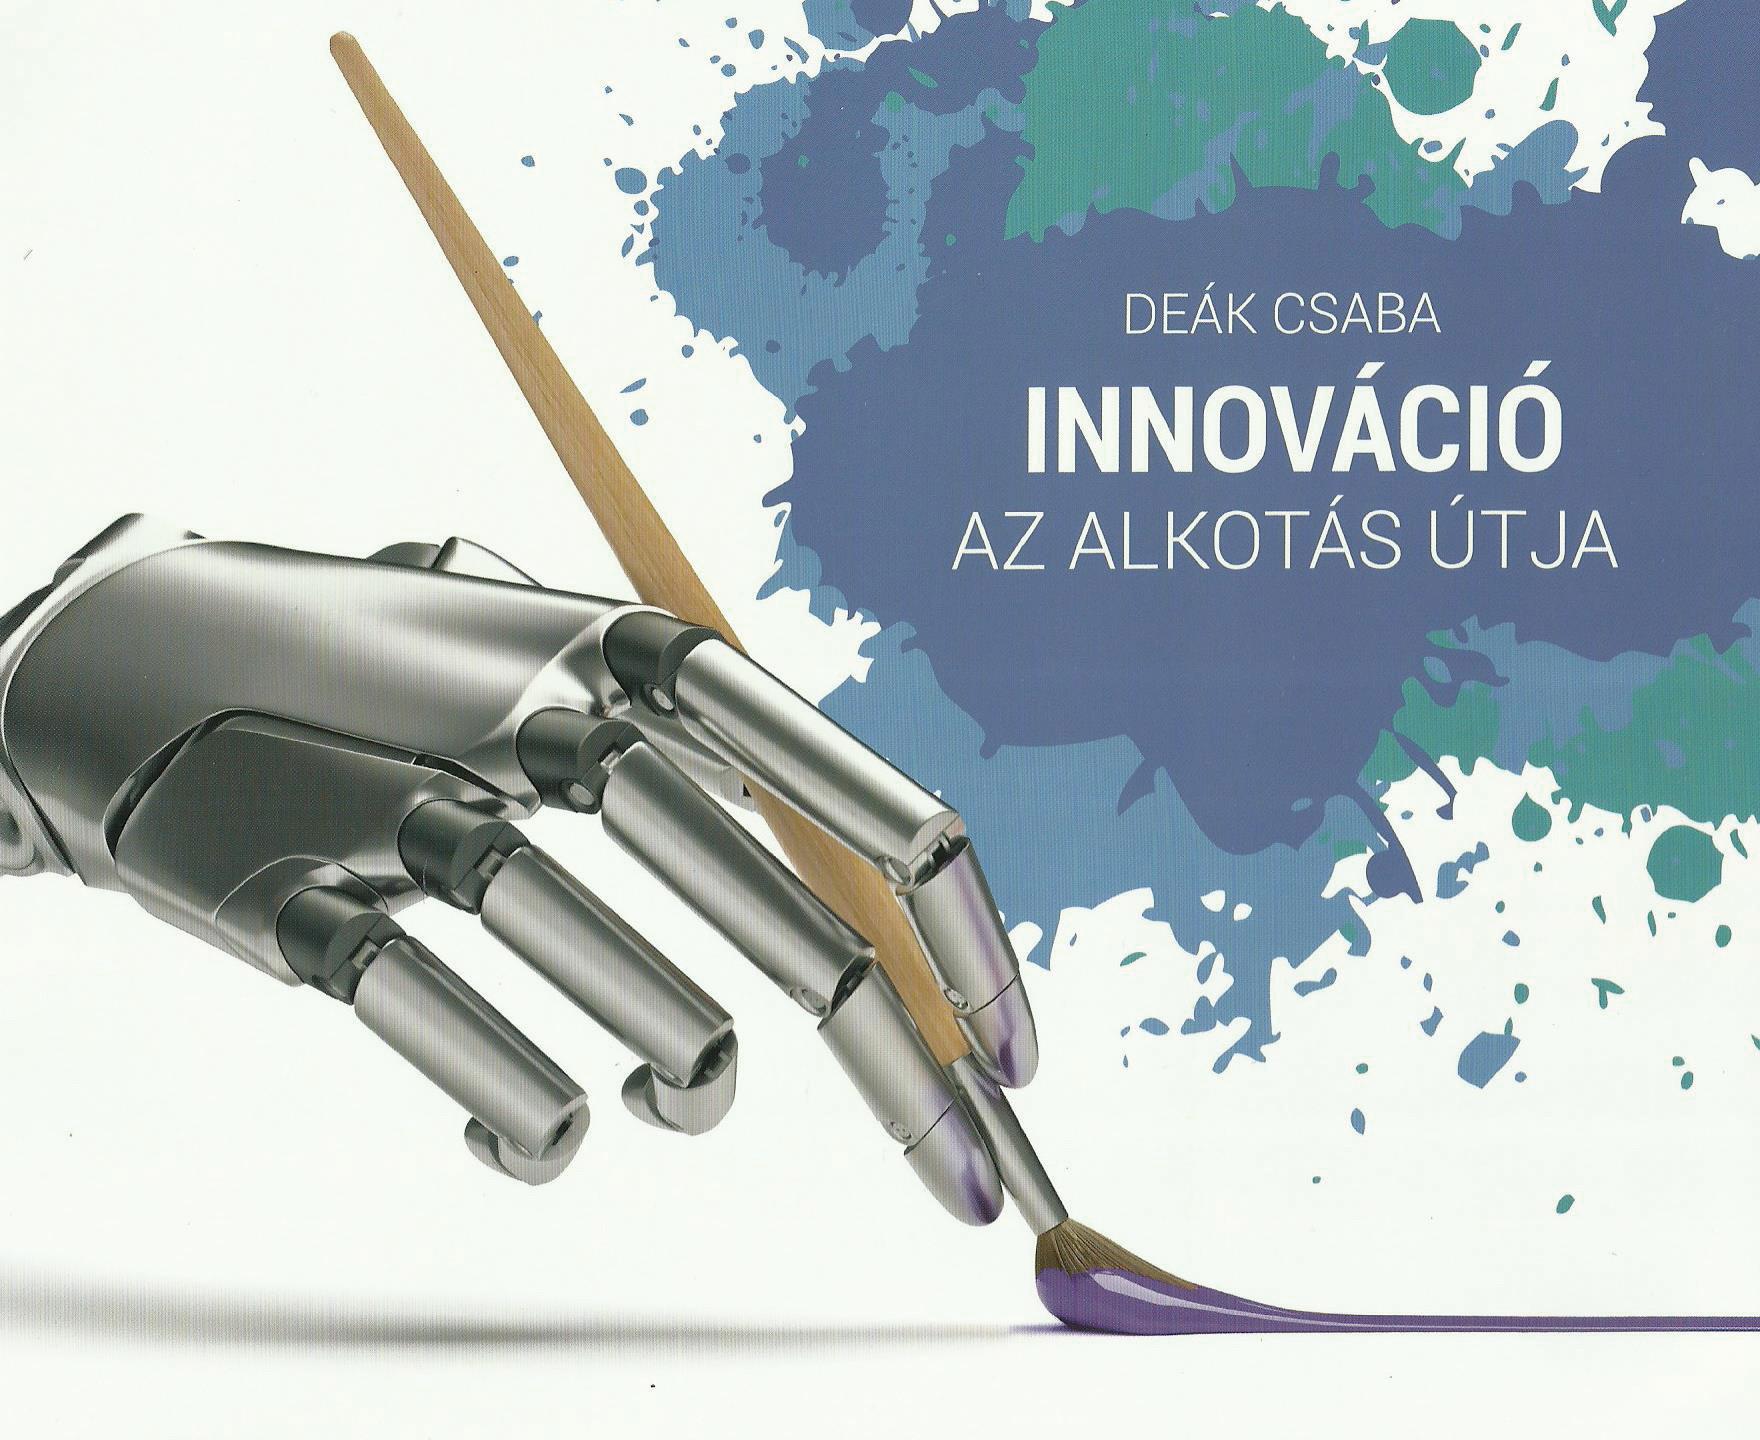 Innováció  – Az alkotás útja